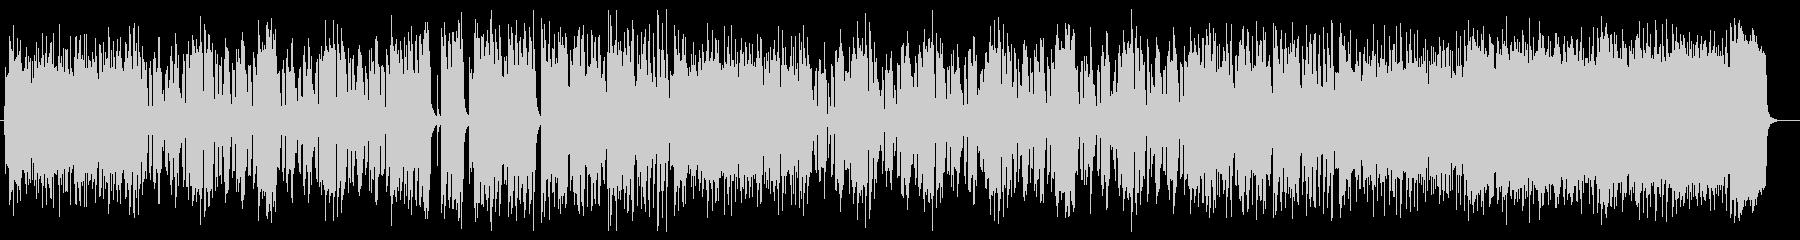 軽快なリズムによるメロディが特徴のポップの未再生の波形